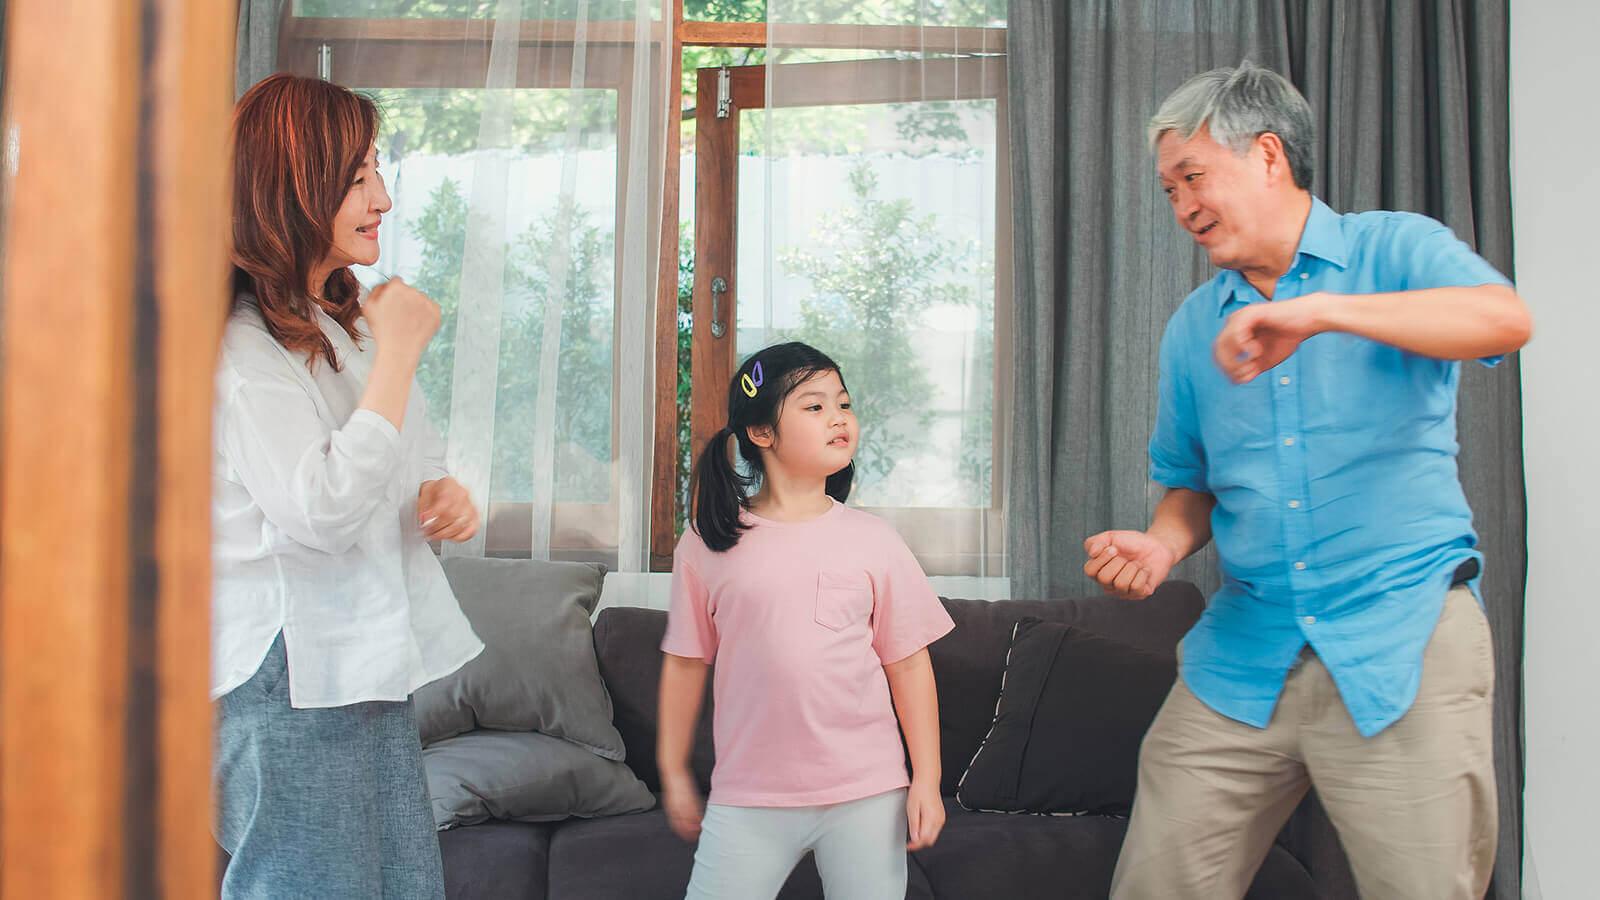 jogos musicais fáceis para crianças pequenas